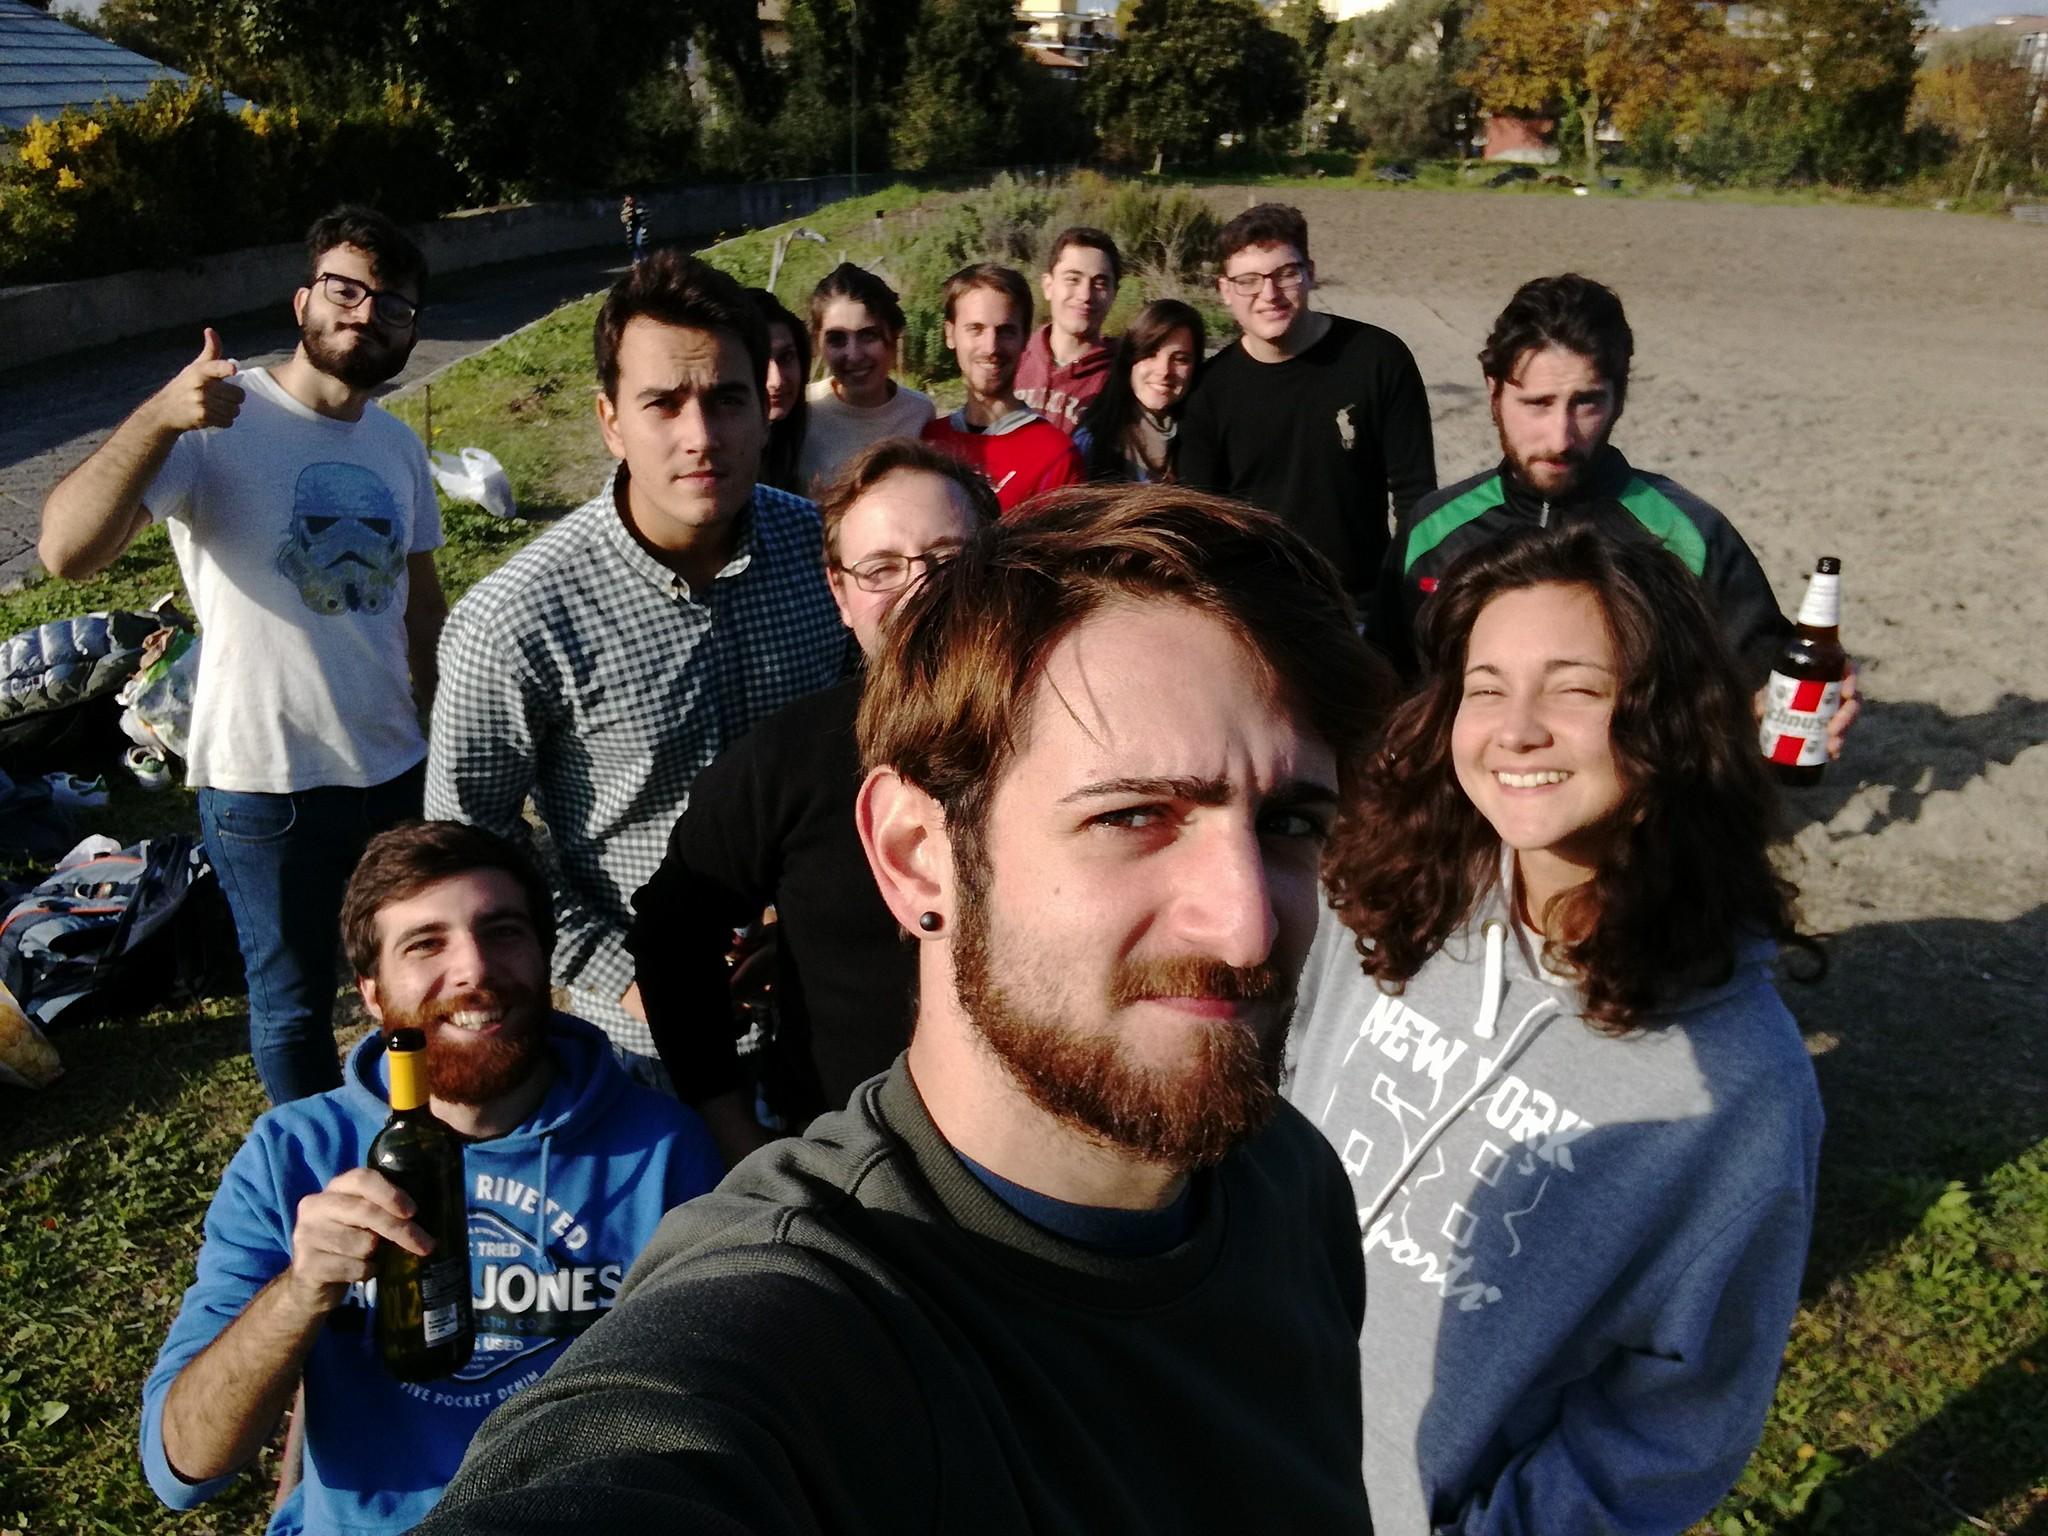 I volontari di ASA Napoli festeggiano dopo una giornata di lavoro molto impegnativo